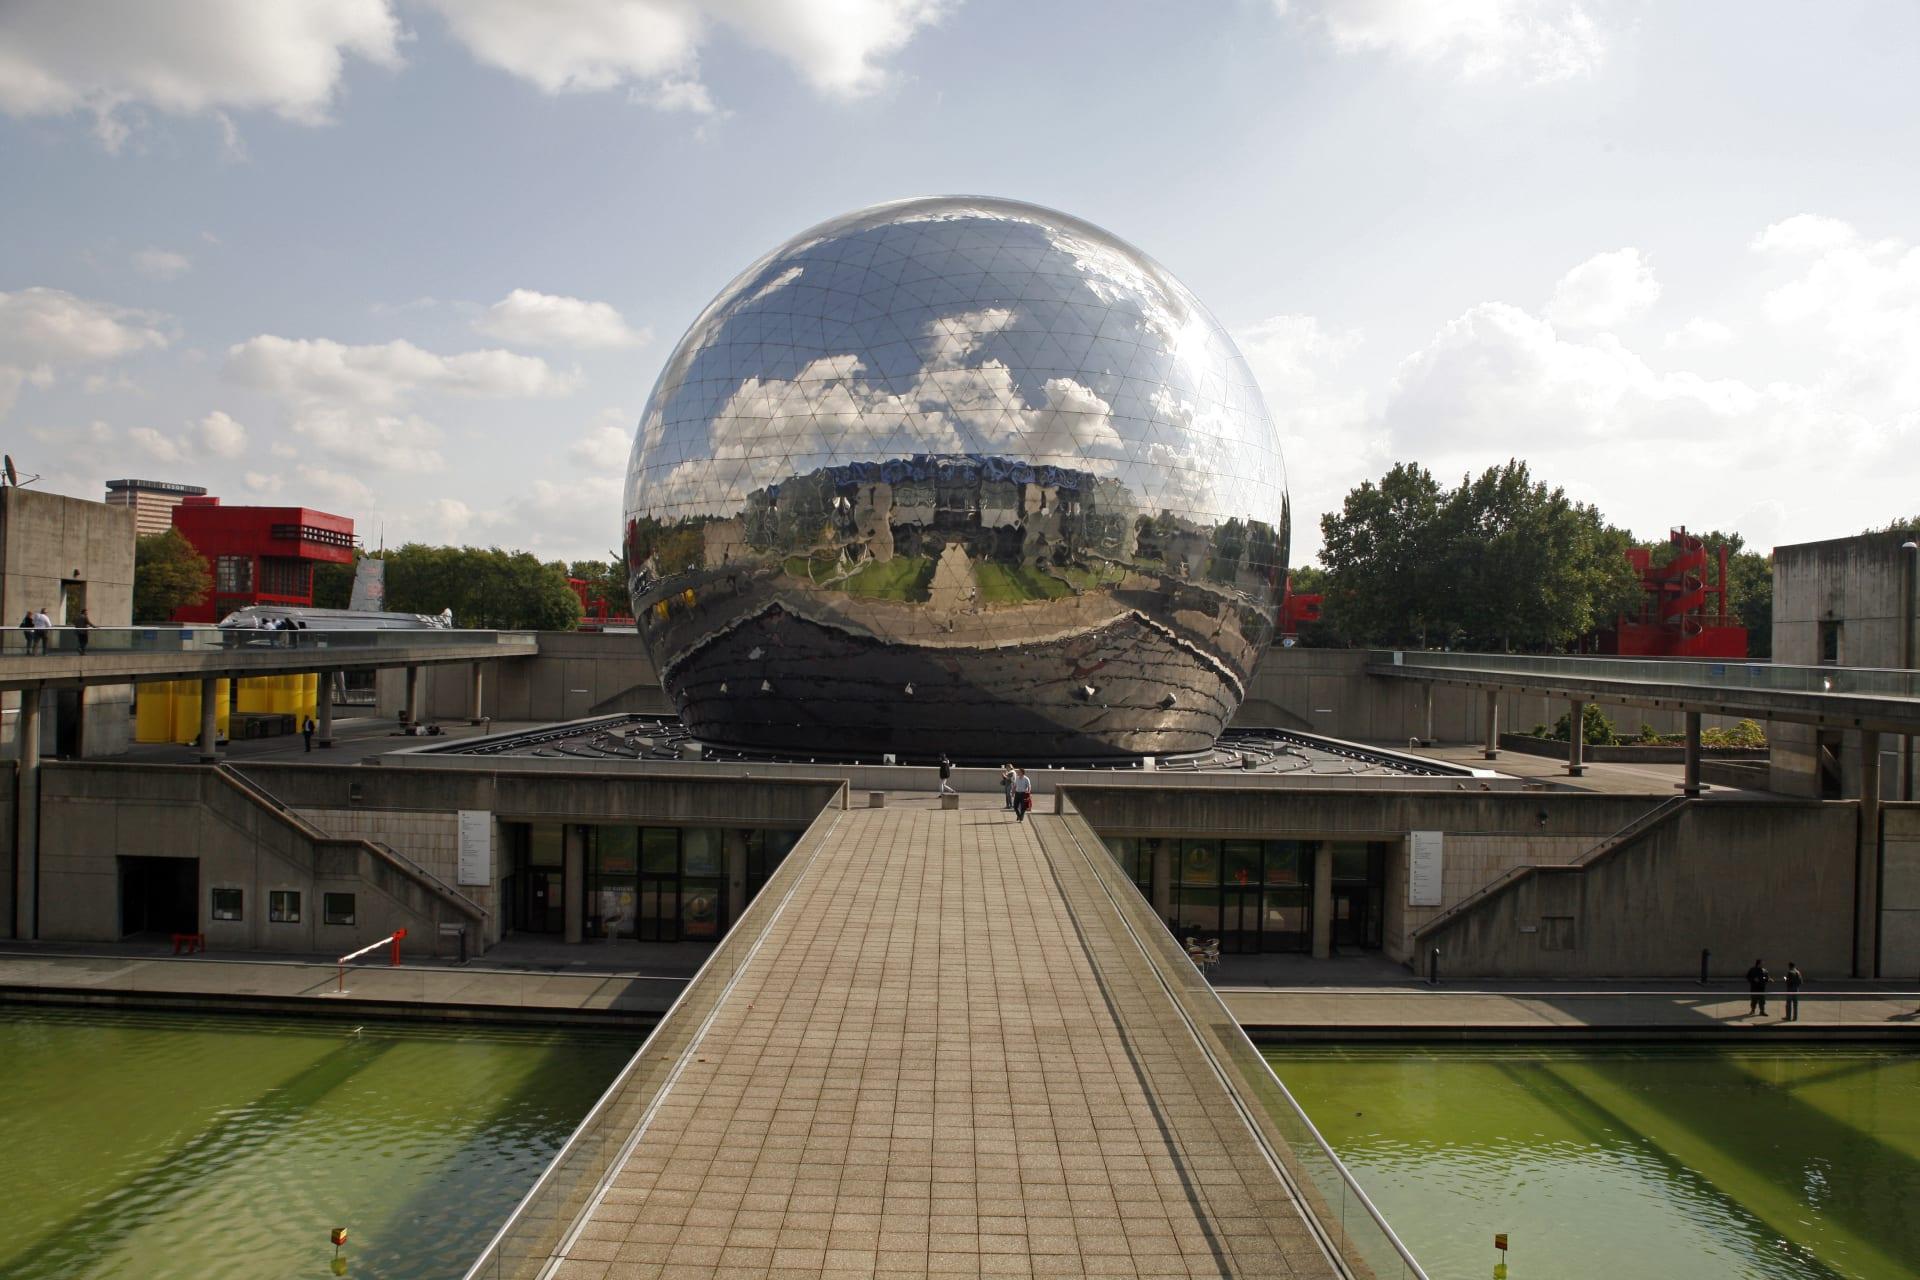 Paris - La Villette: A Parisian Cultural Park in an Urban Environment